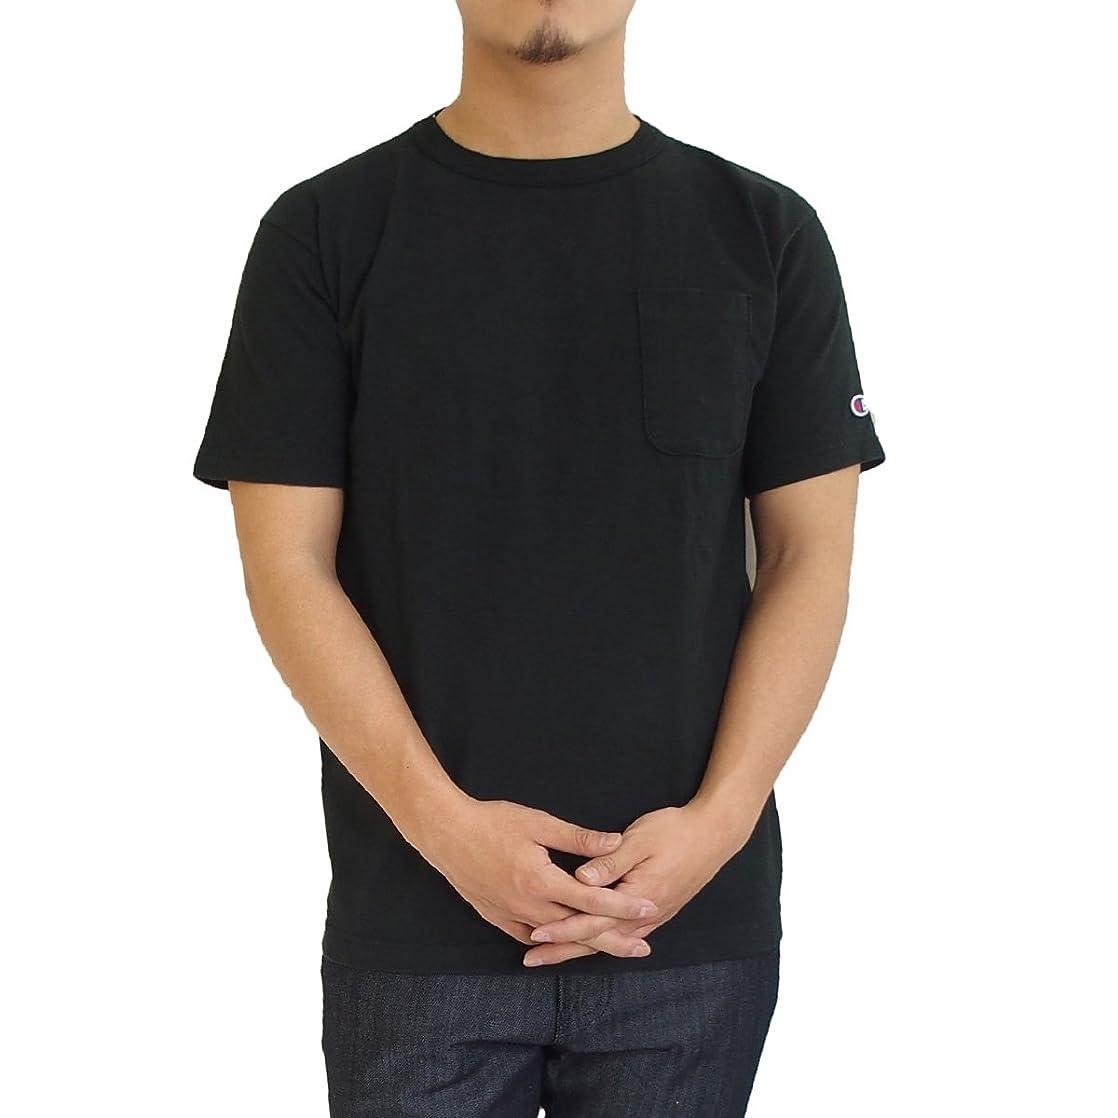 悲しい娯楽勧告(チャンピオン) Champion T1011 ポケットTシャツ ヘビーウェイト [515C5B303]